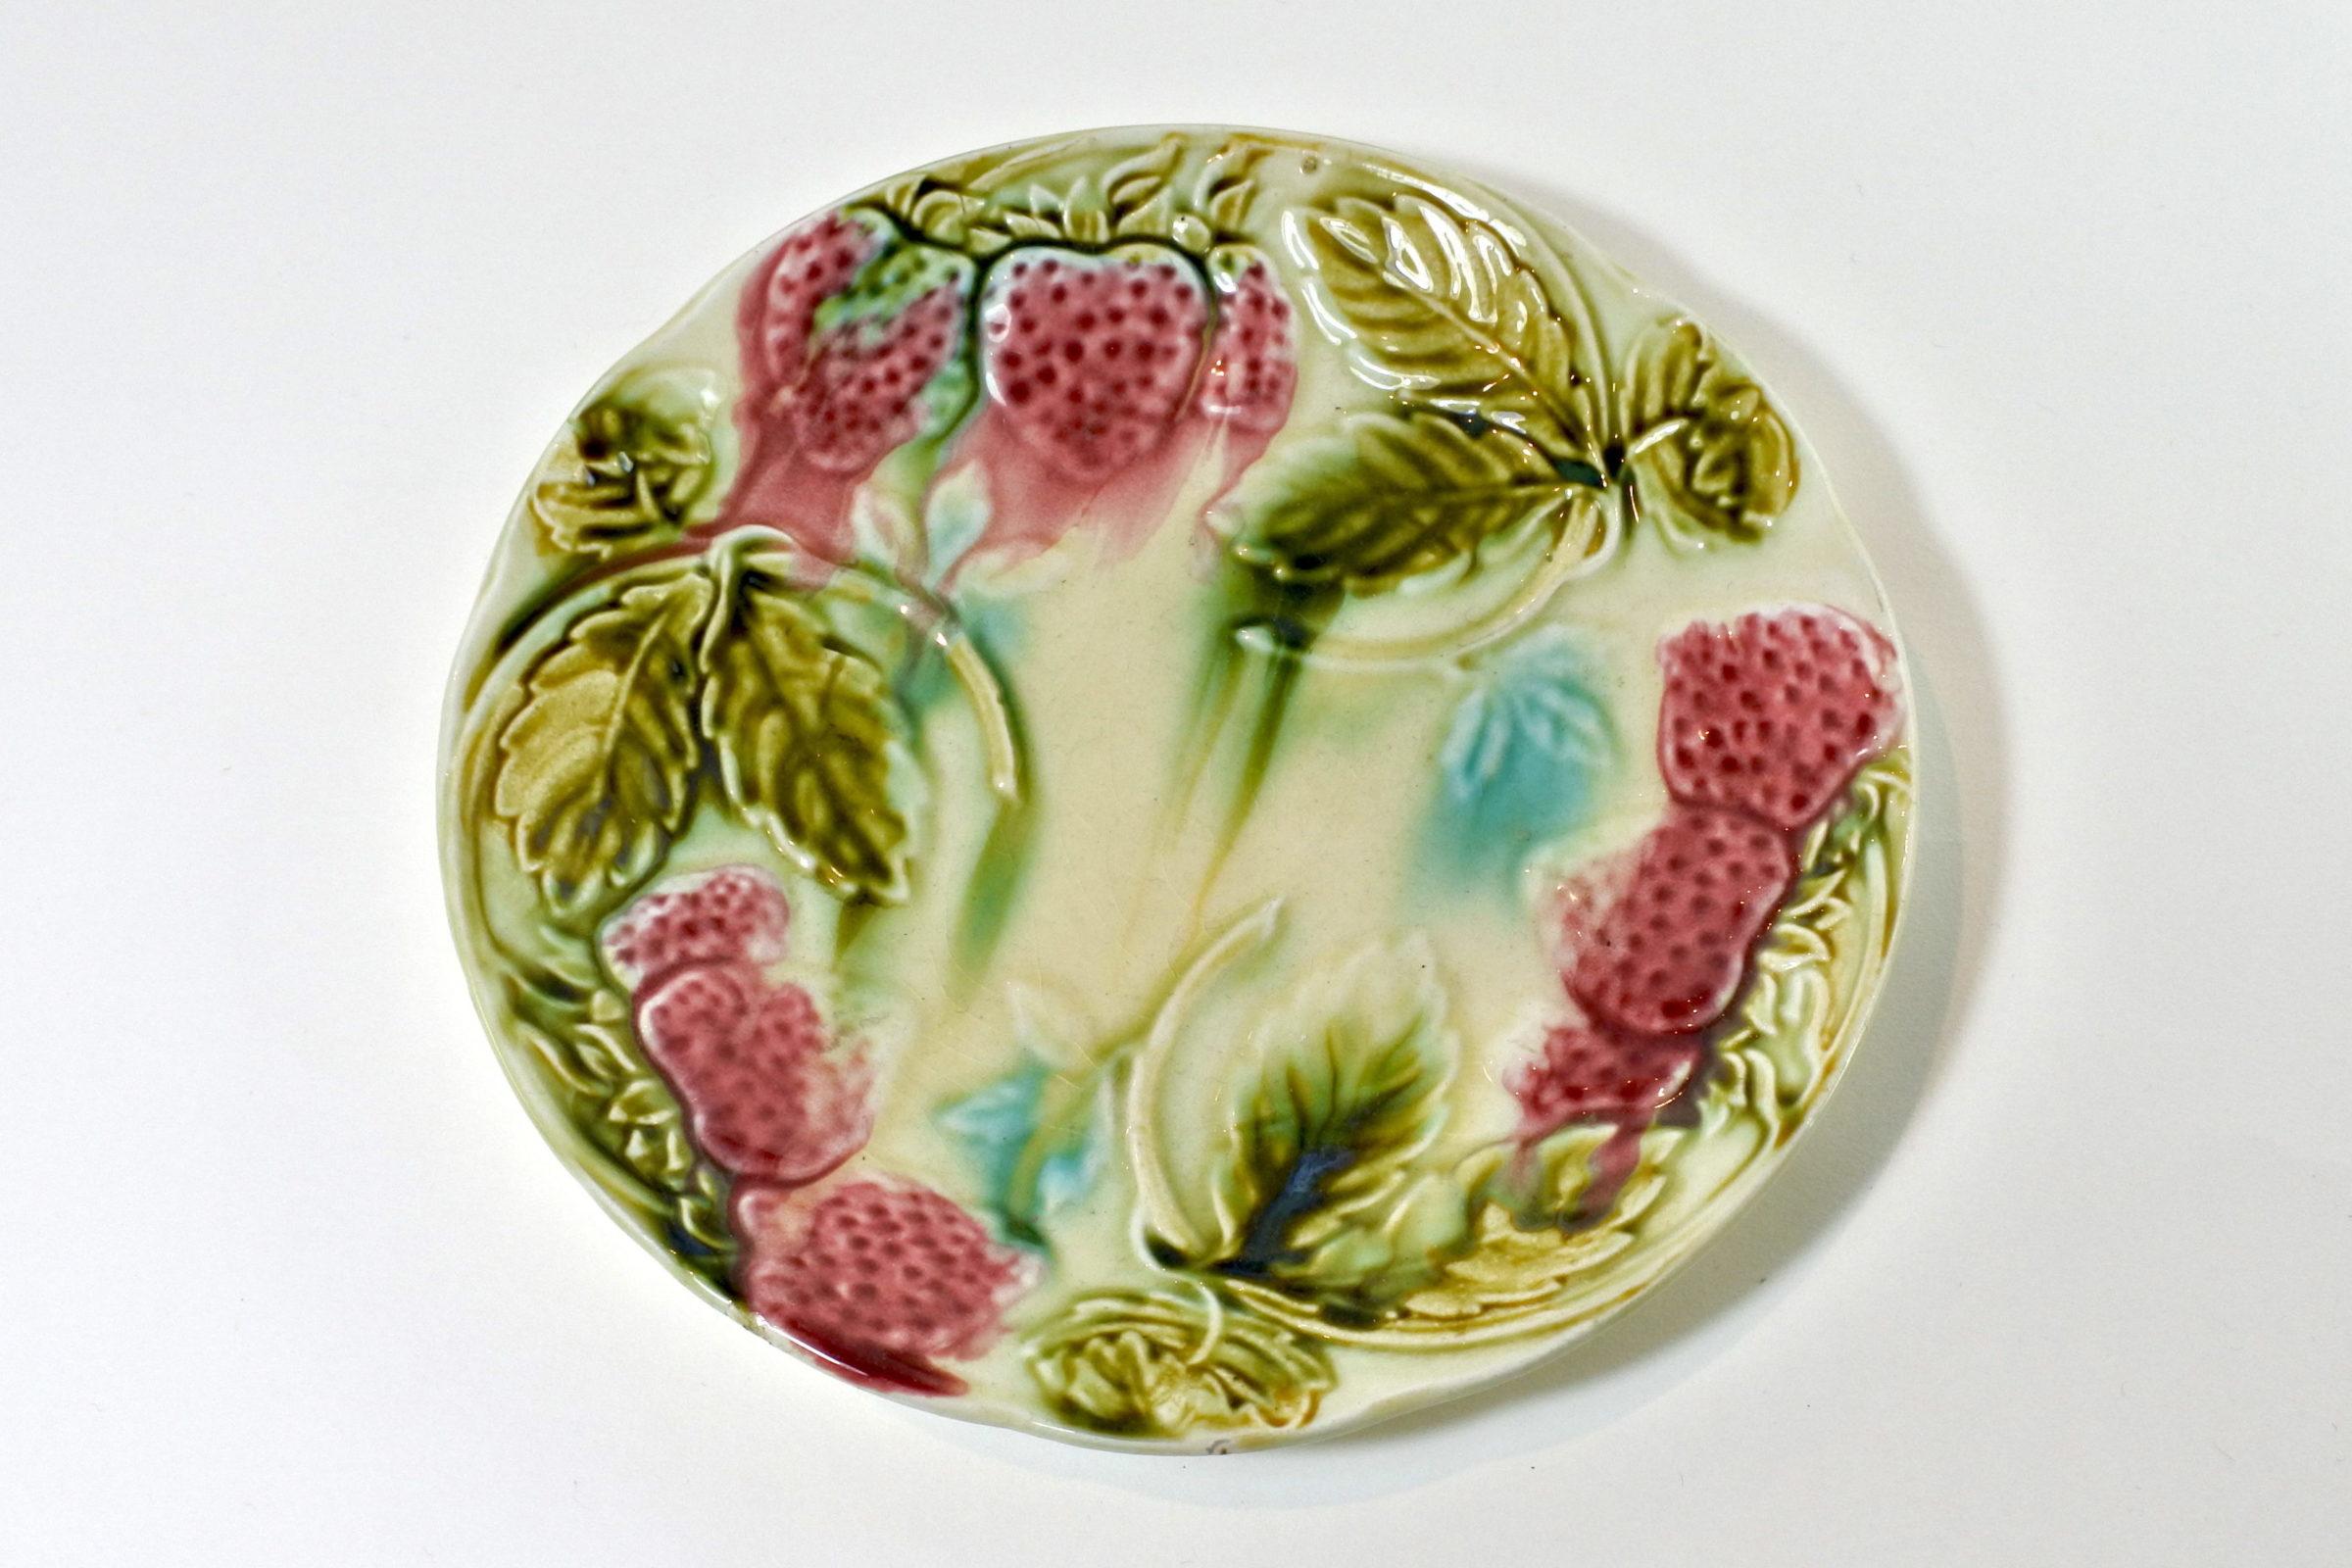 Piatto in ceramica barbotine con fragole - Sarreguemines